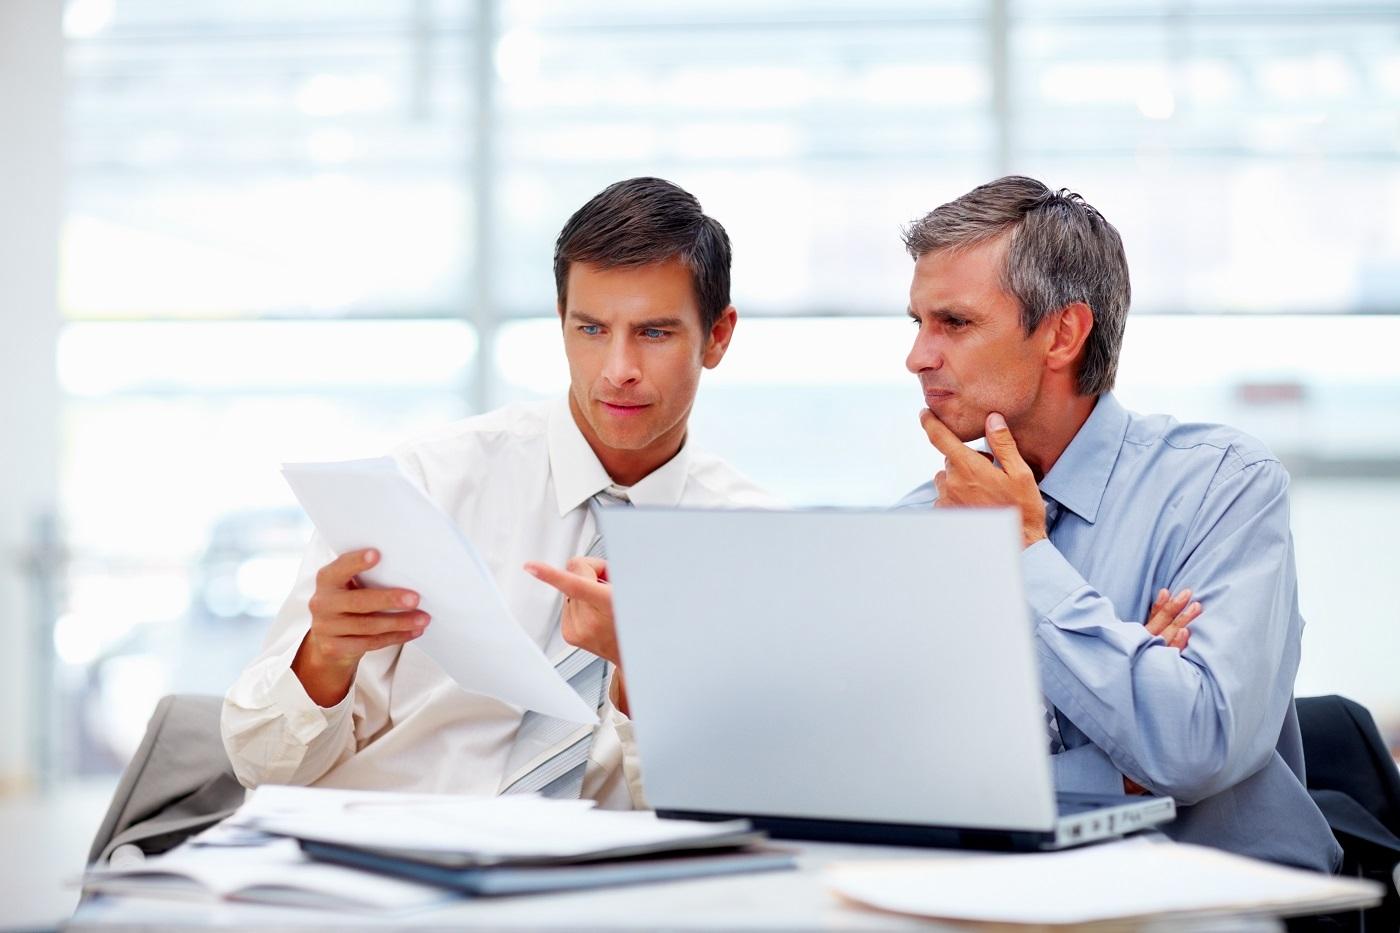 Komunikacja wewnętrzna jest najważniejszym elementem w poprawnym funkcjonowaniu każdej organizacji. (fot. fotolia)